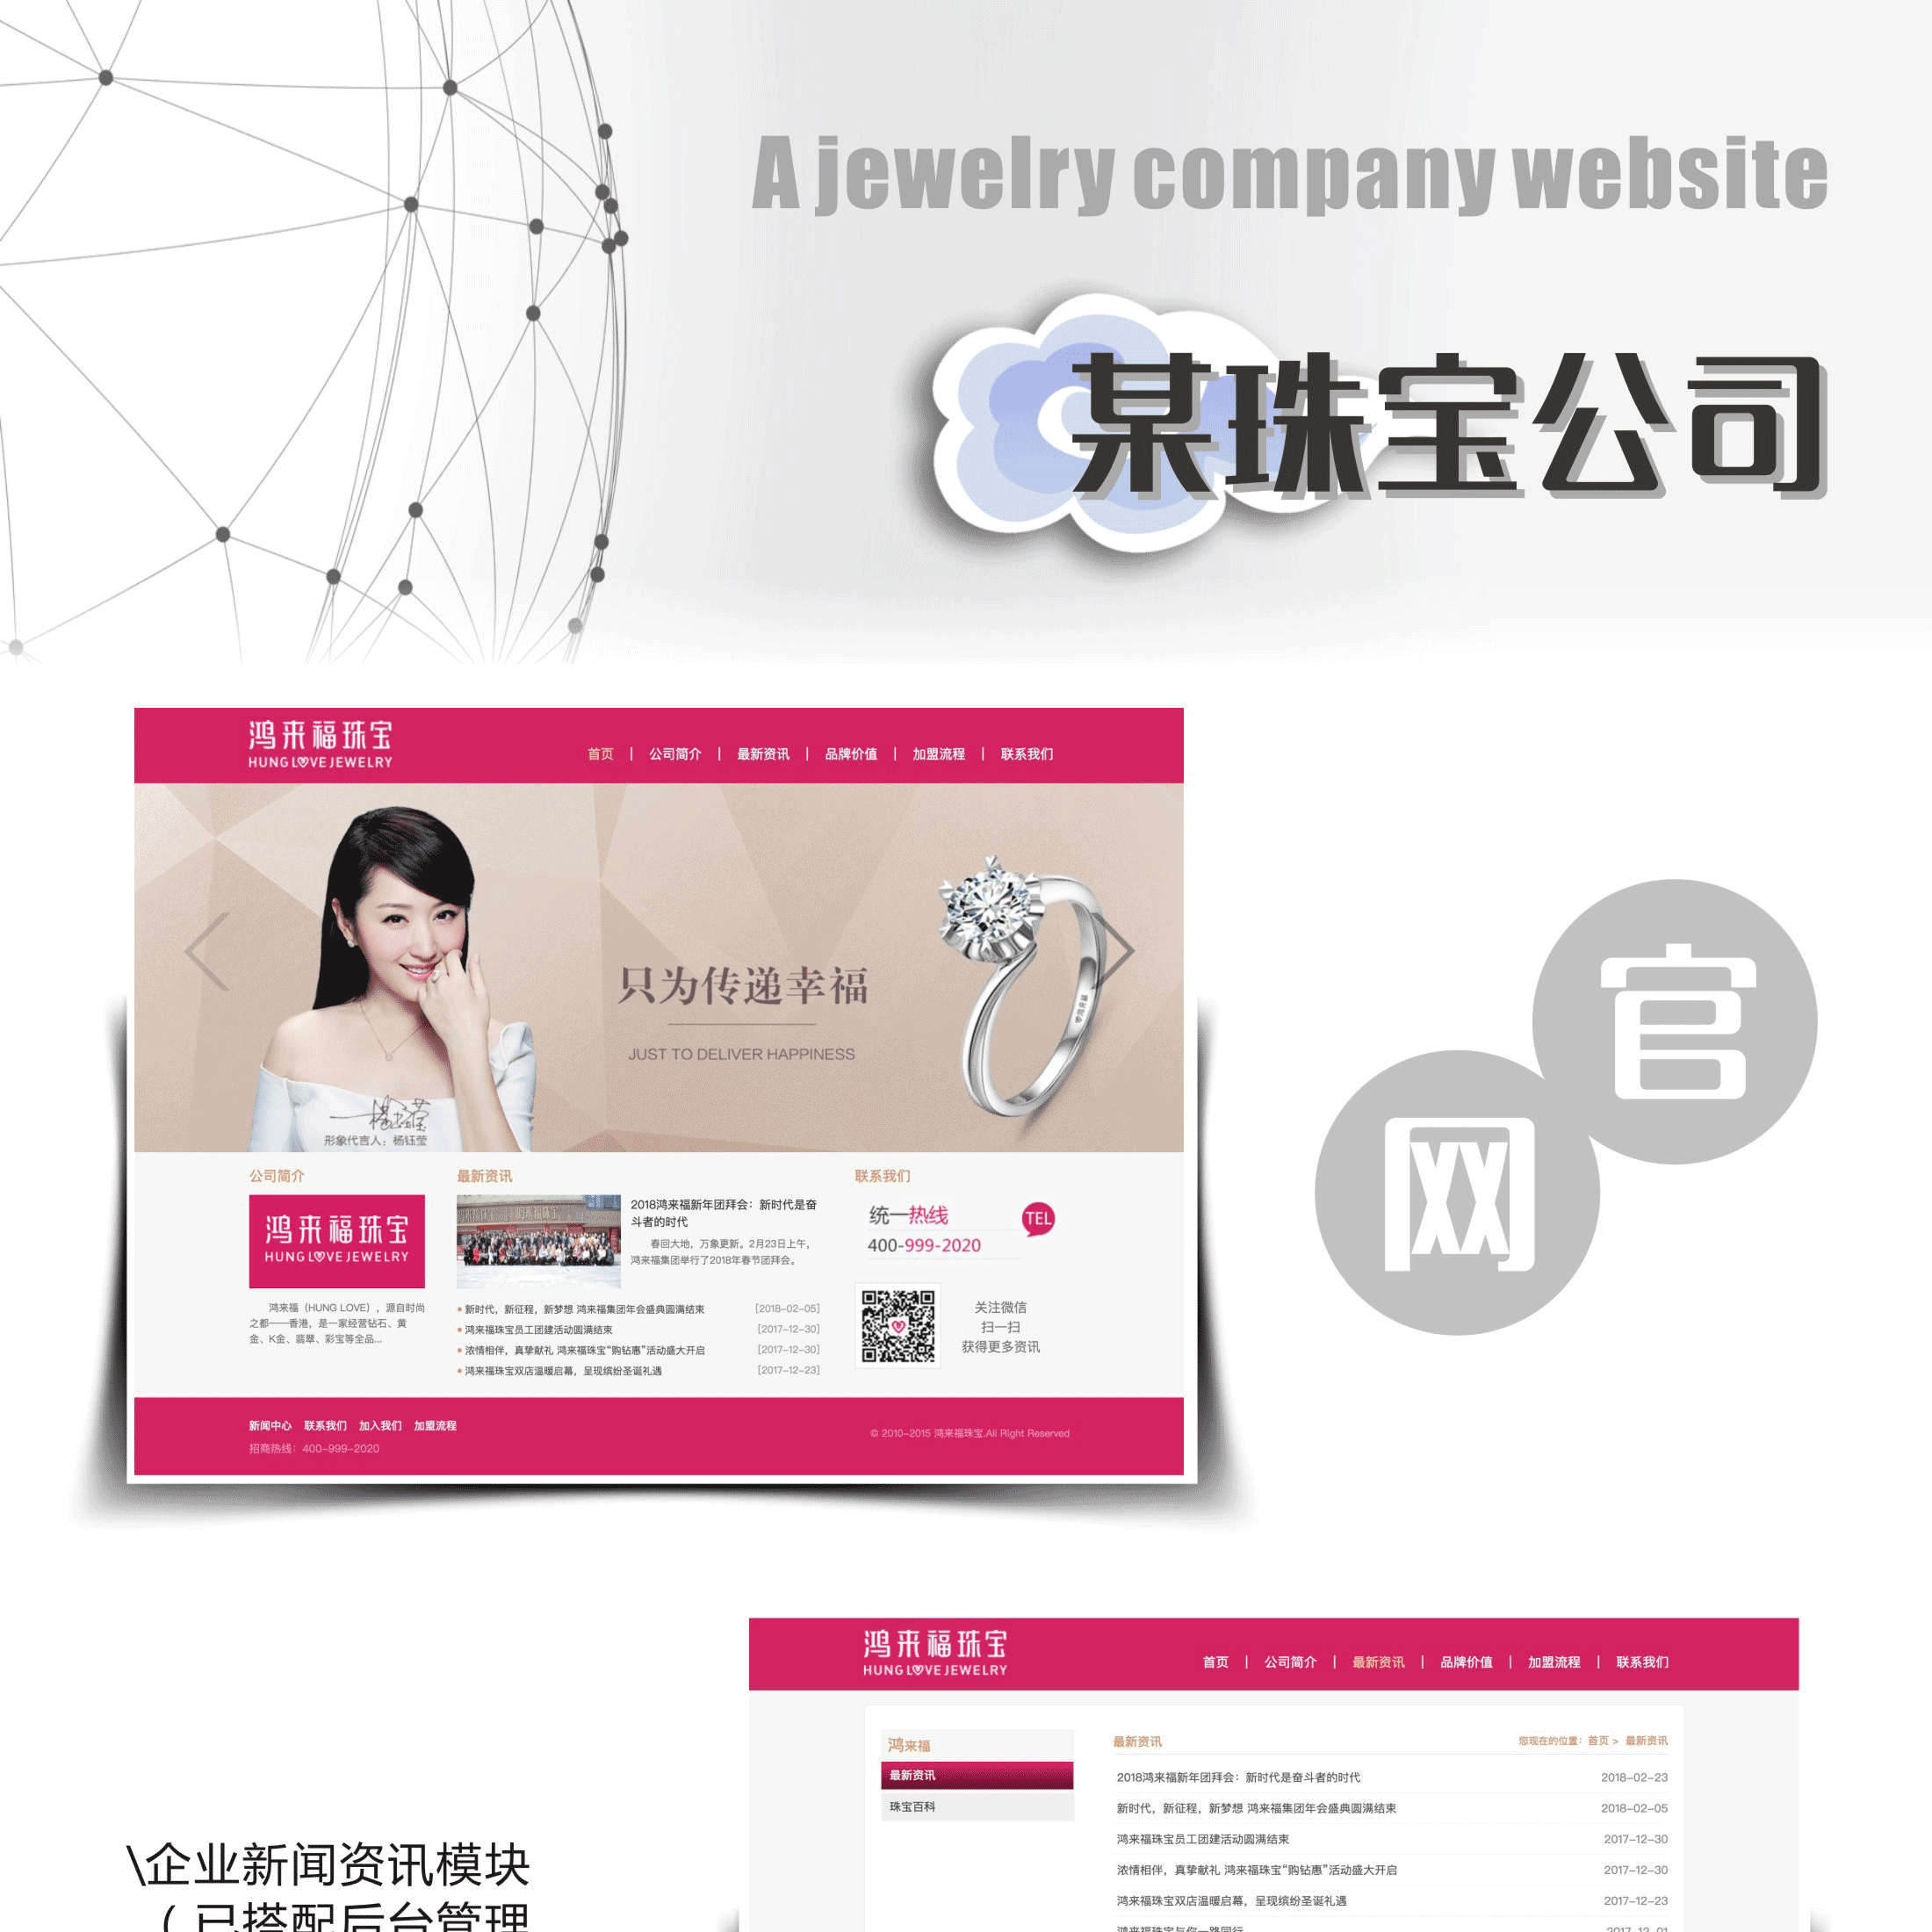 某珠宝公司官网案例(PC端/手机端)